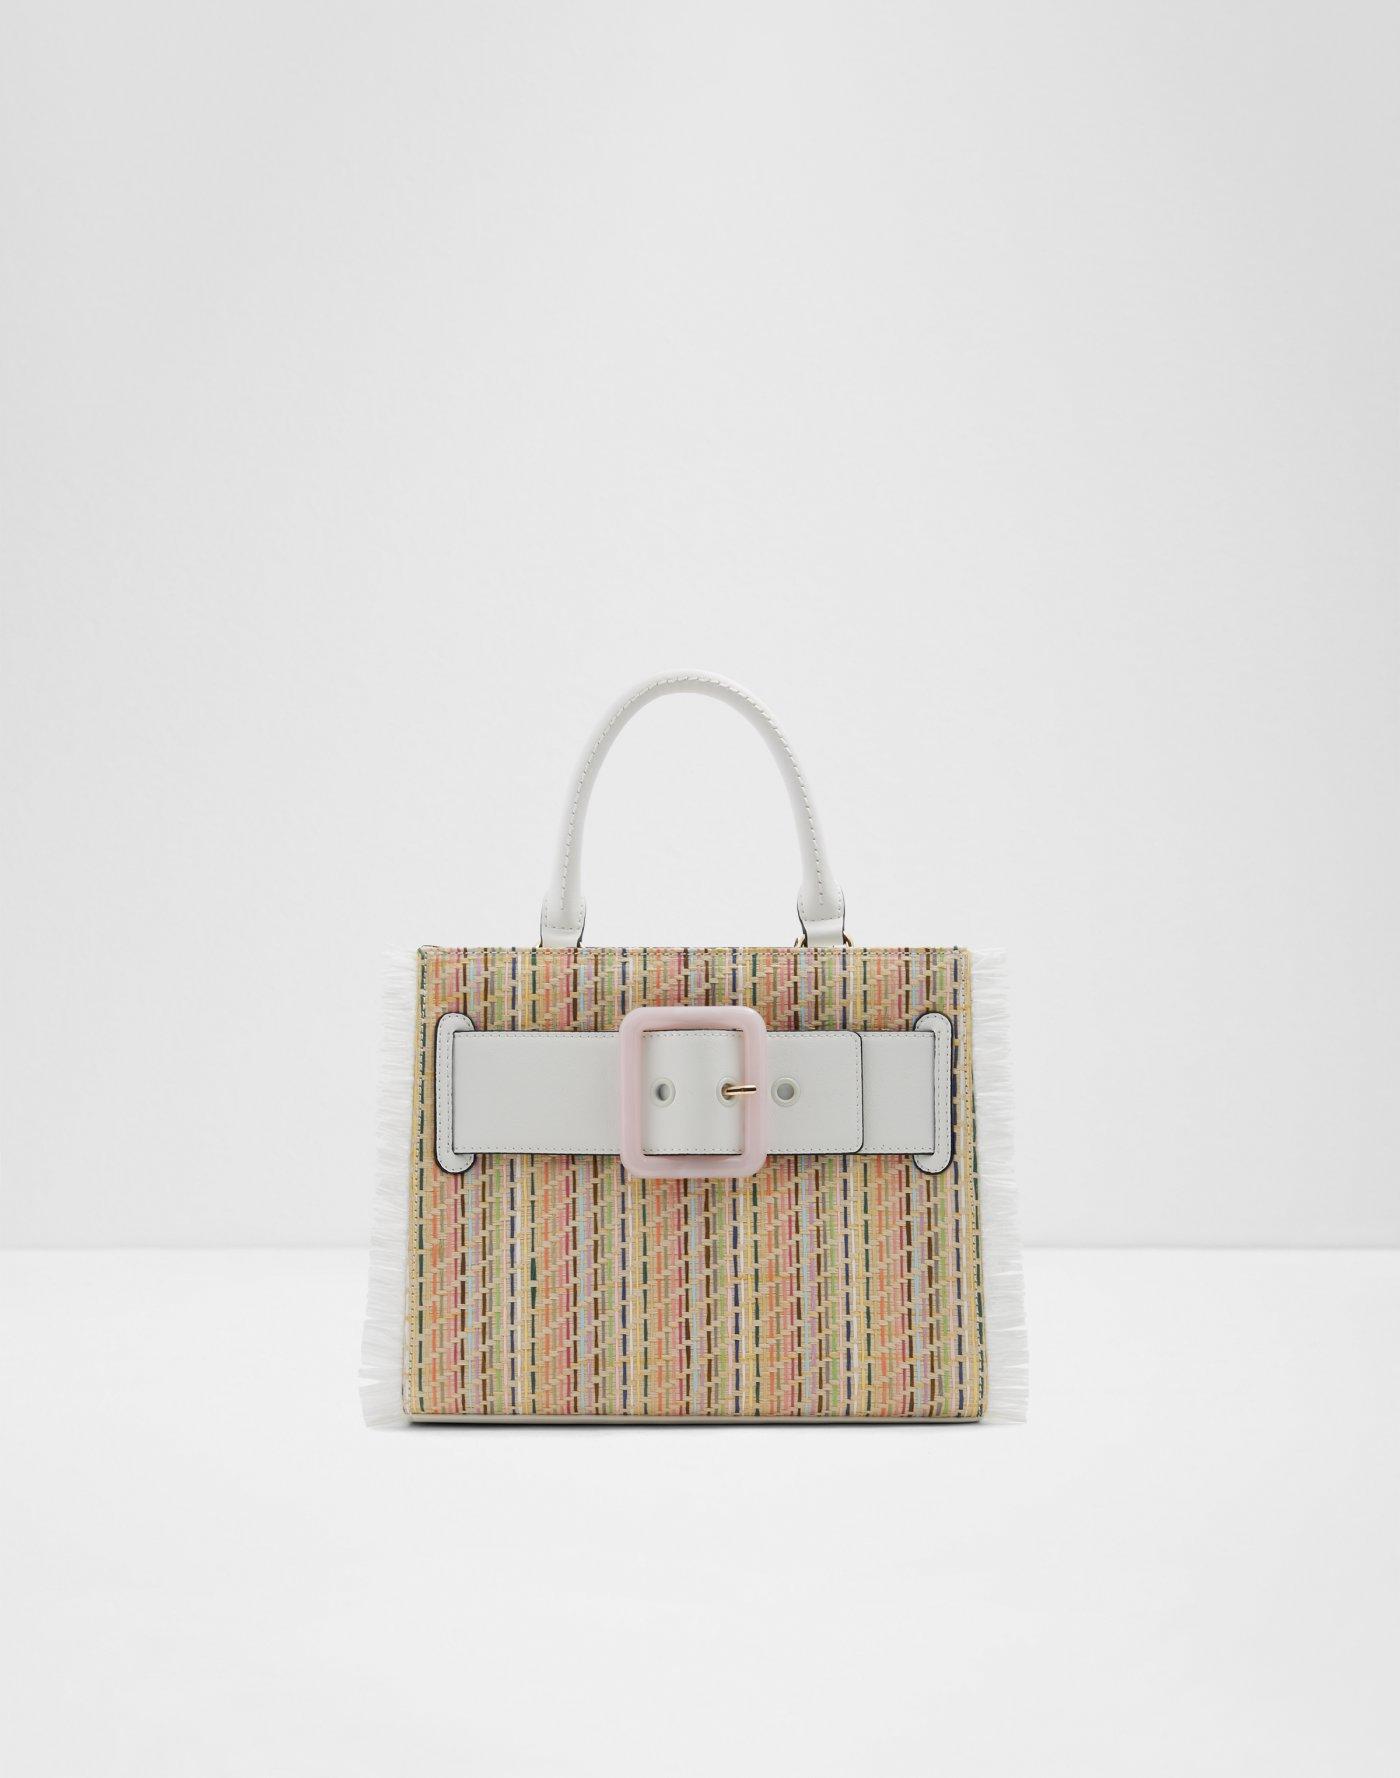 bd16c57e24 Handbags | ALDO Canada